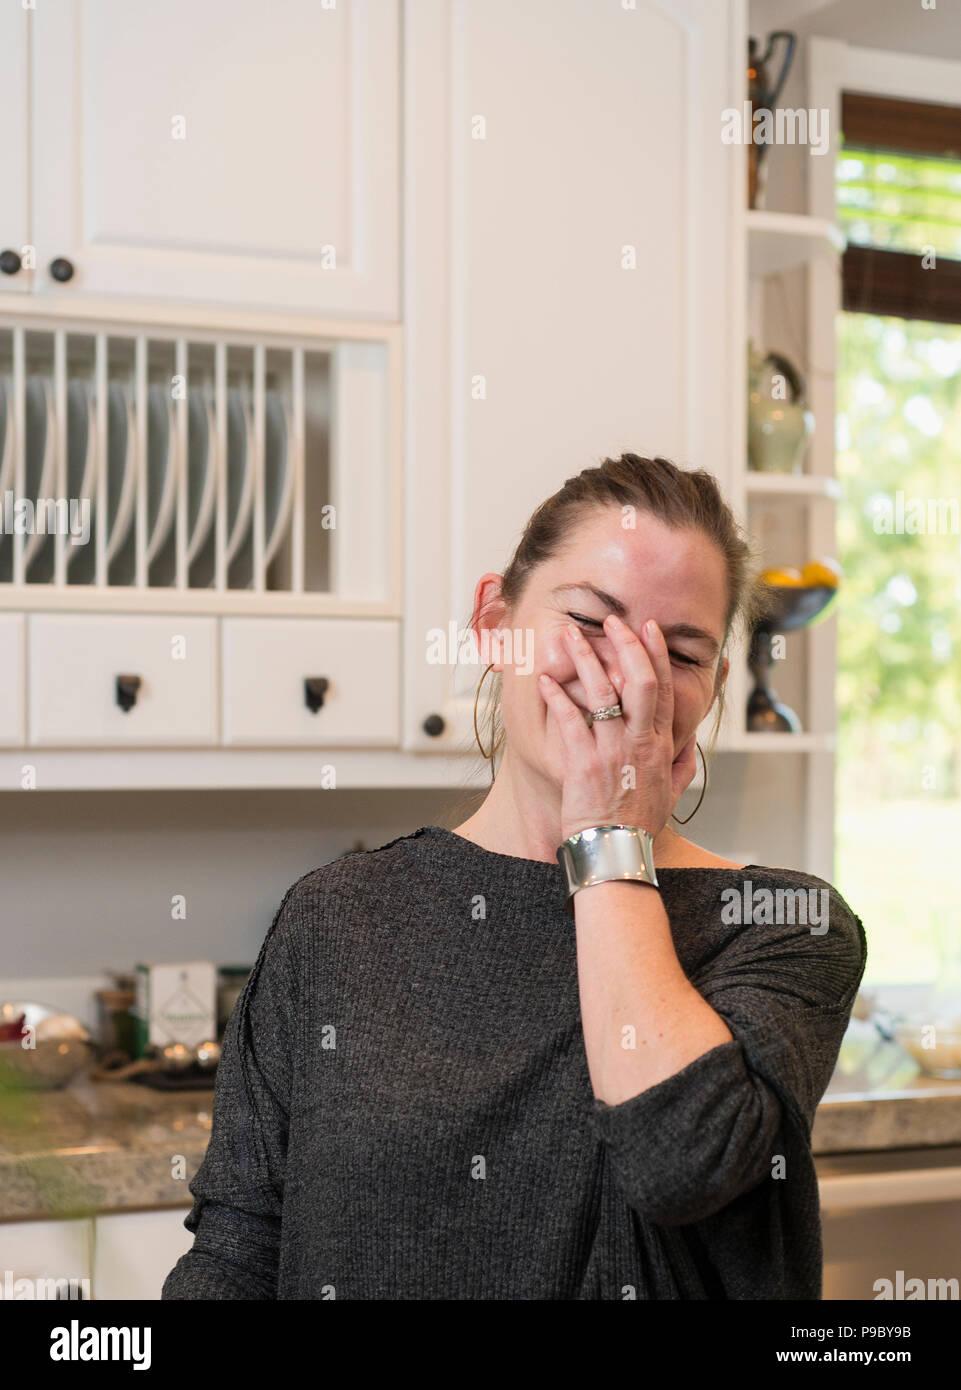 Una donna che ride nella sua cucina. Immagini Stock